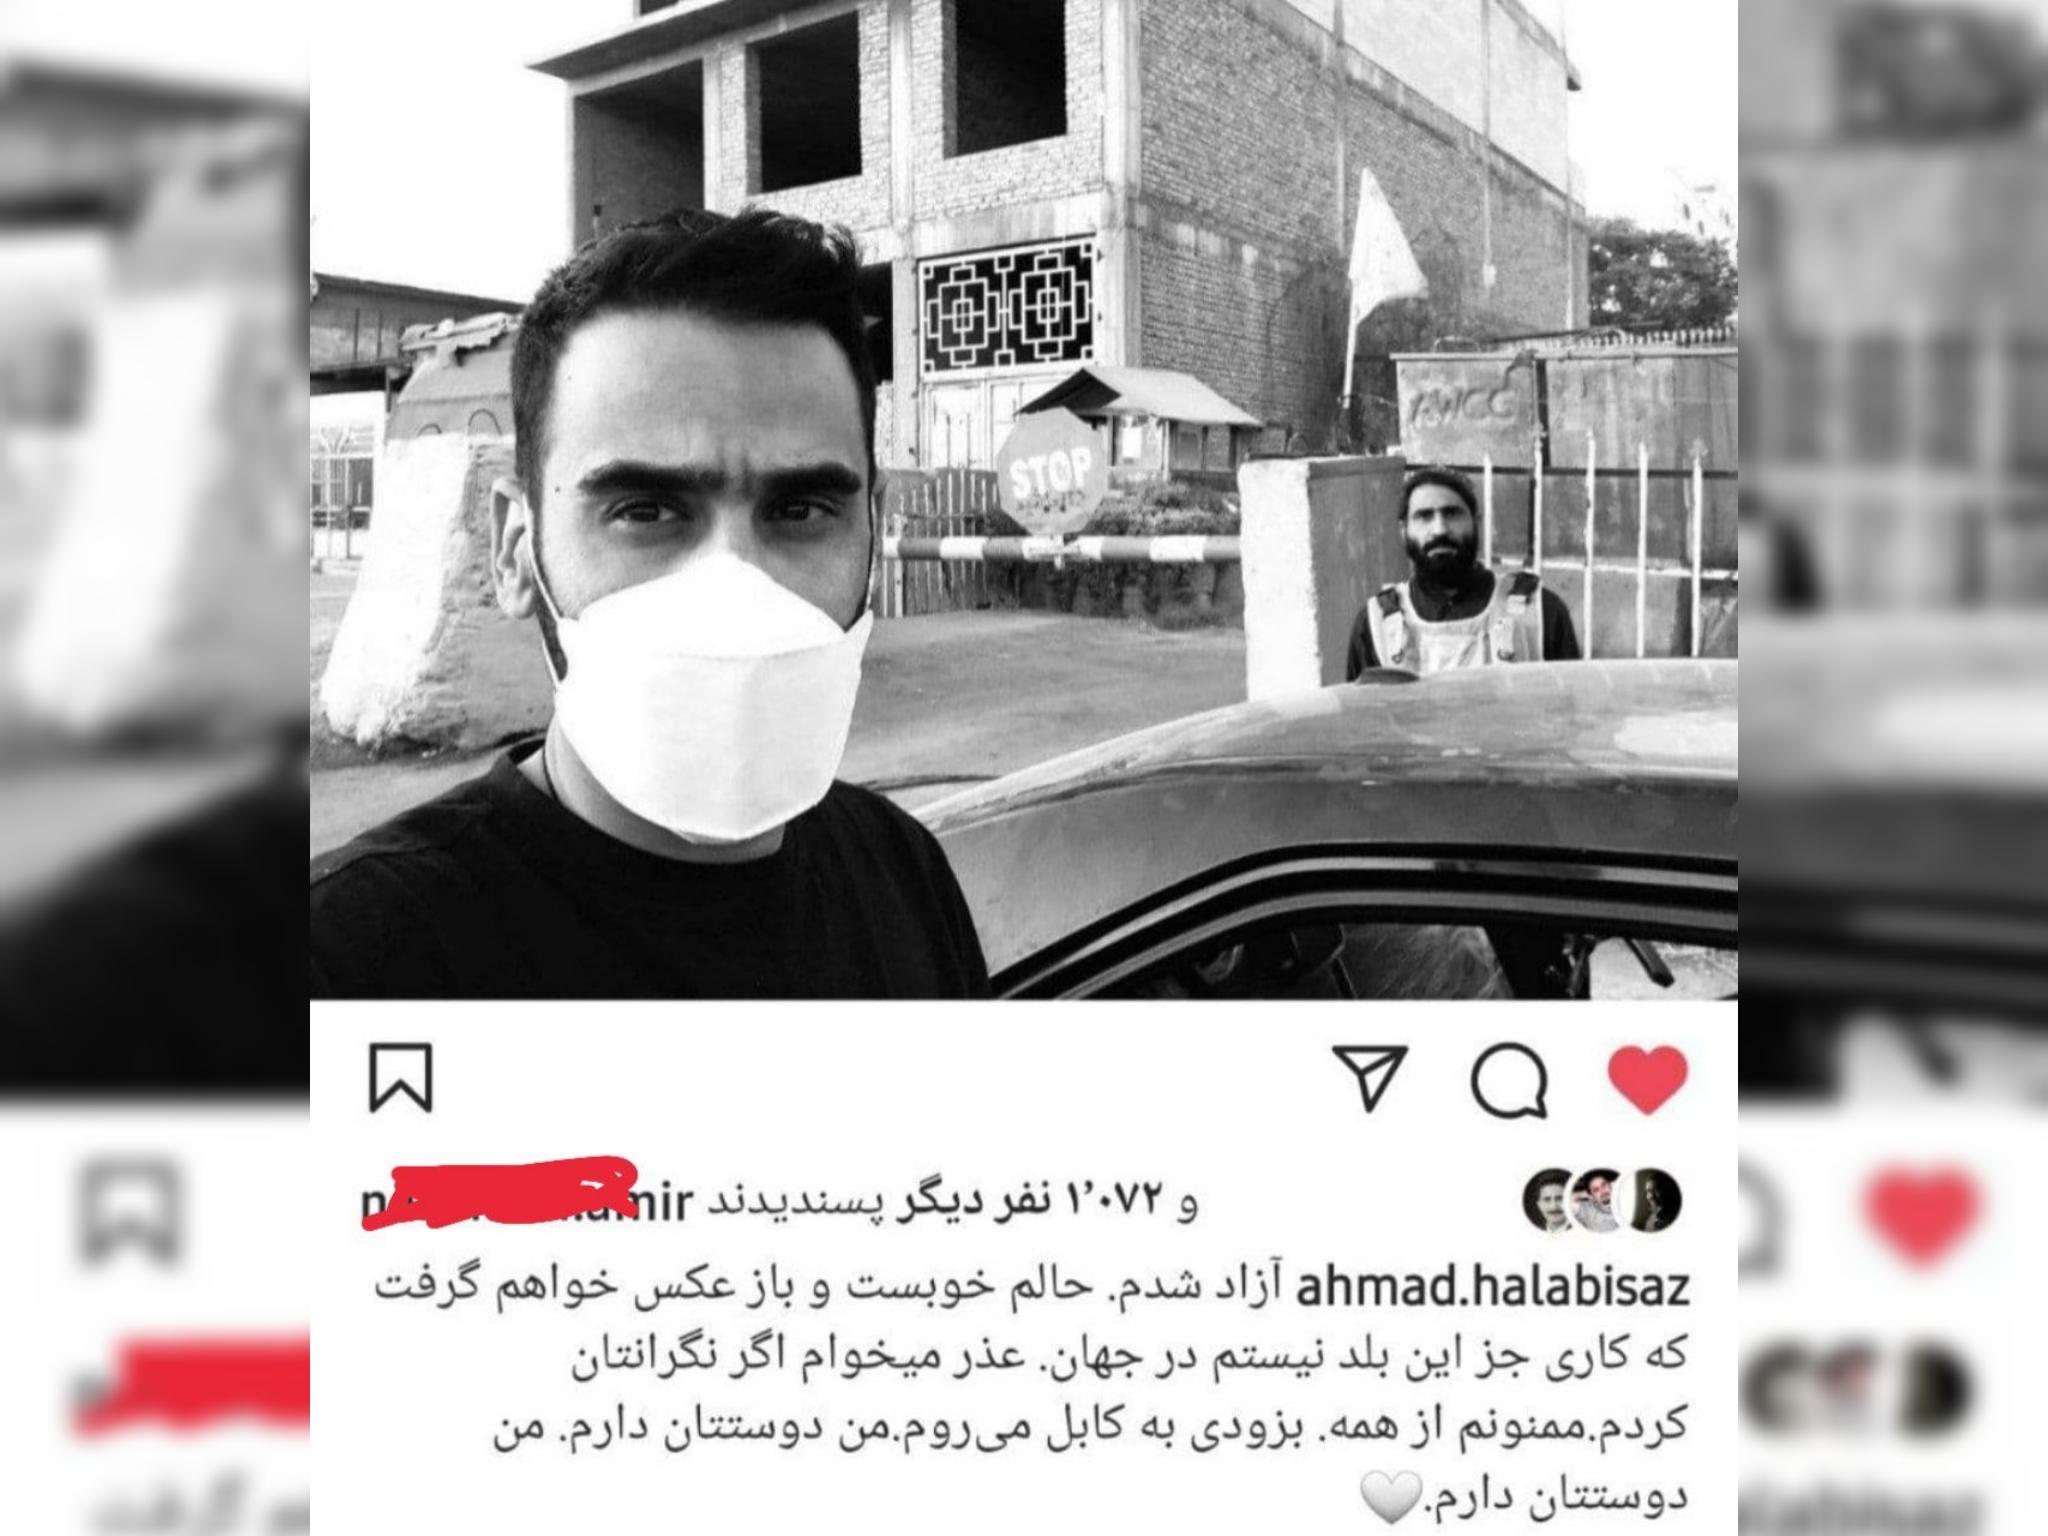 عکاس ایرانی بازداشت شده در افغانستان آزاد شد